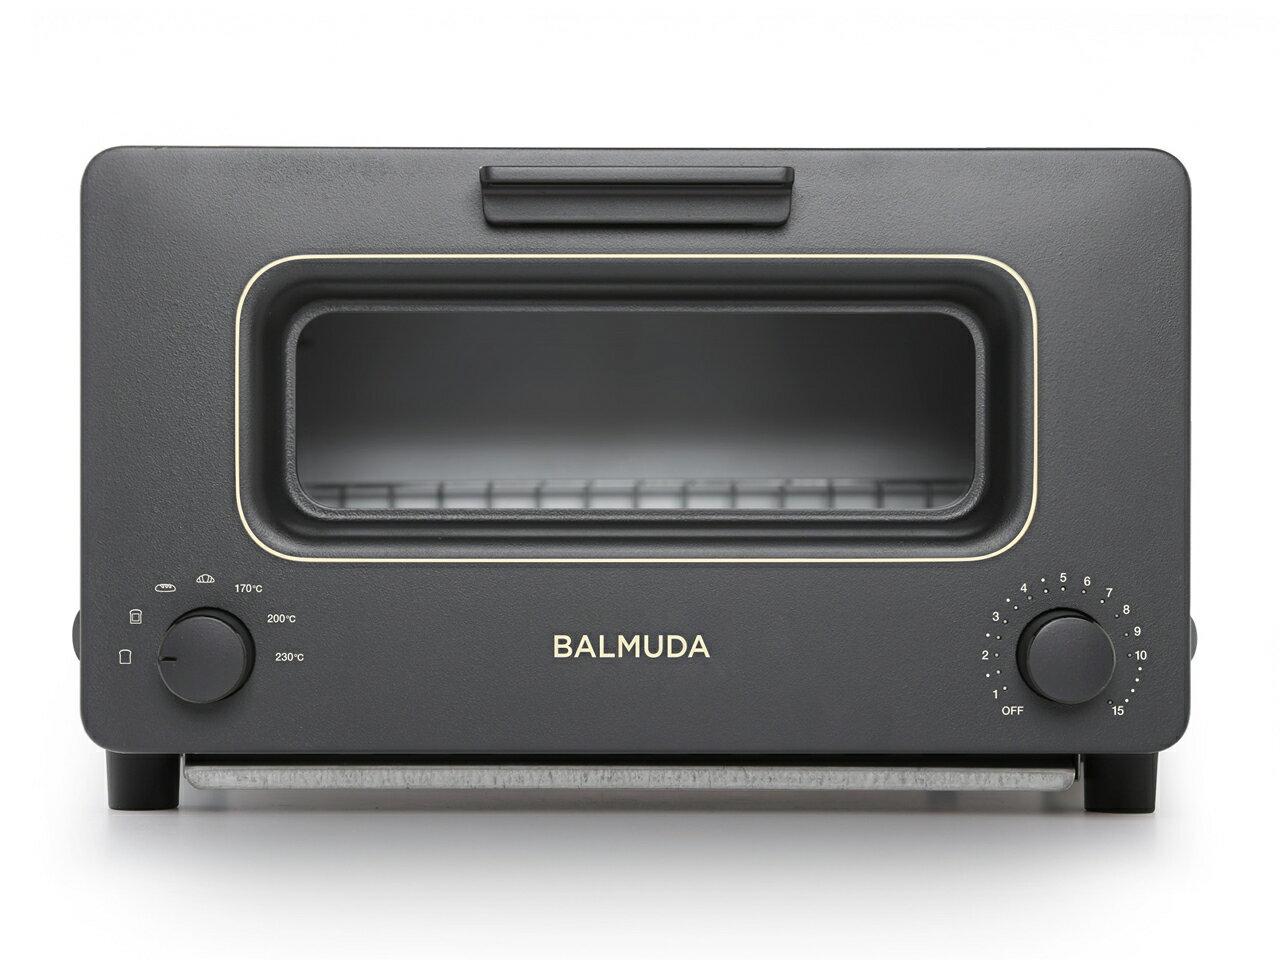 (在庫あり)バルミューダ K01E-KG スチームオーブントースター(ブラック)「BALMUDA The Toaster」